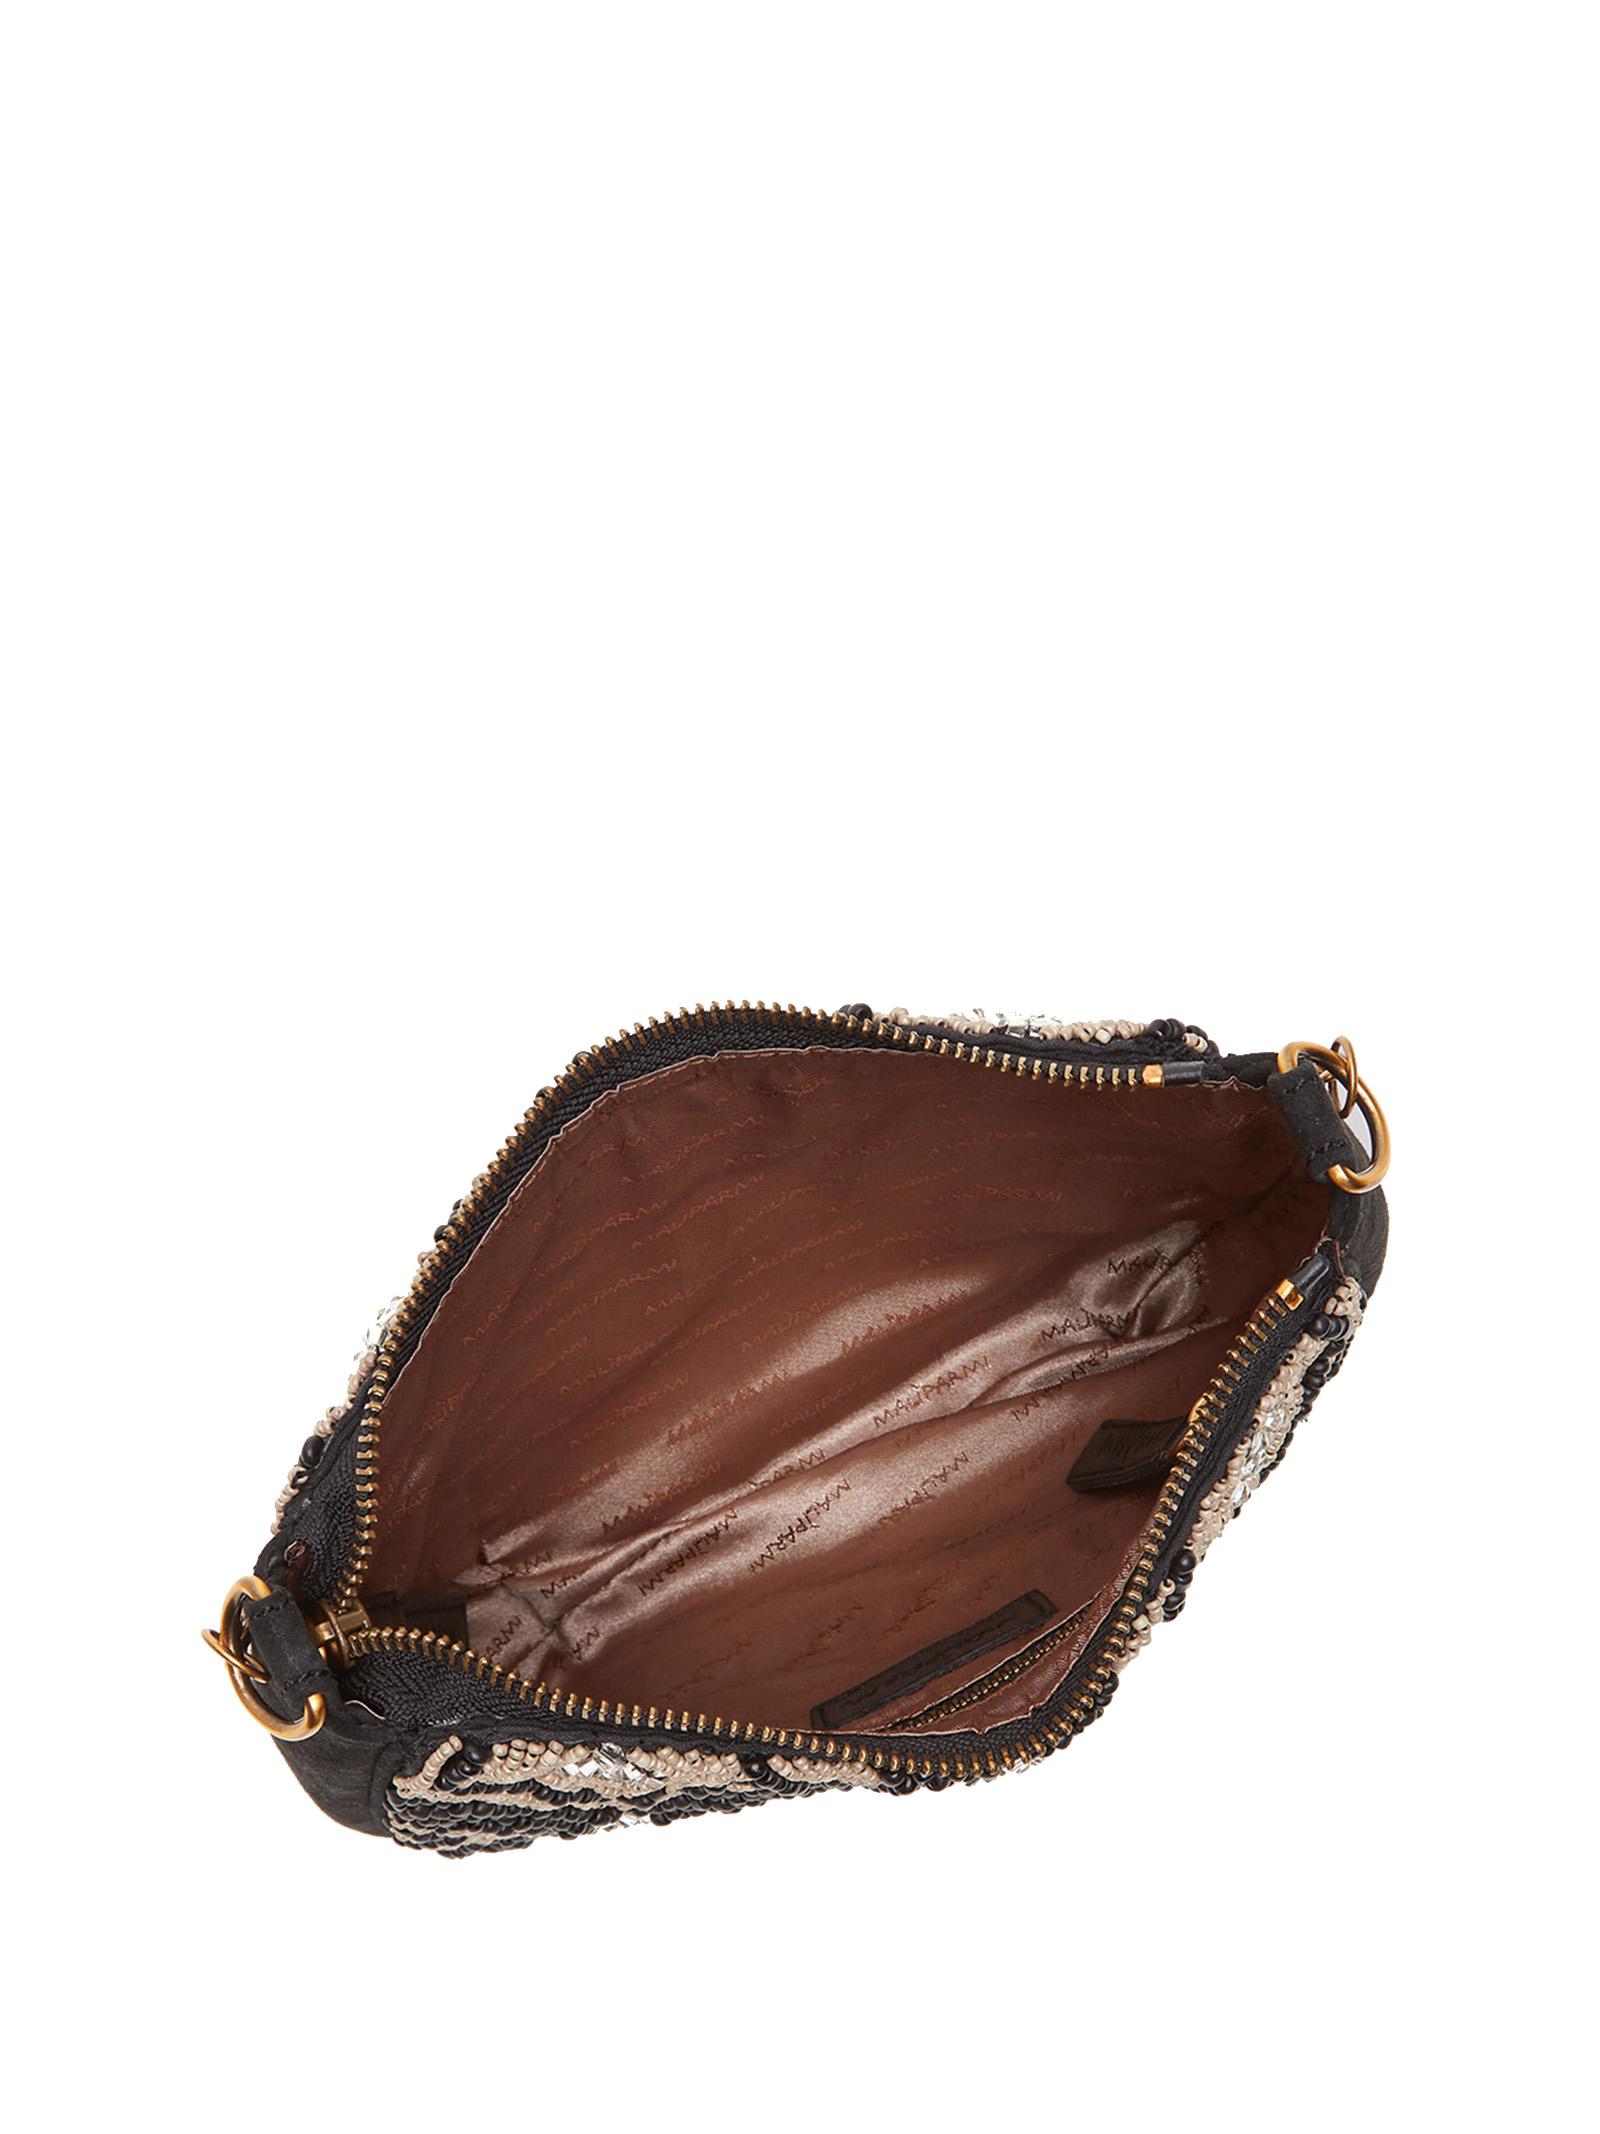 Borsa Donna Pochette Winter Beads in Camoscio Nero con Perline e Tracolla a Catena Oro Maliparmi | Borse e zaini | BQ00419079720B99